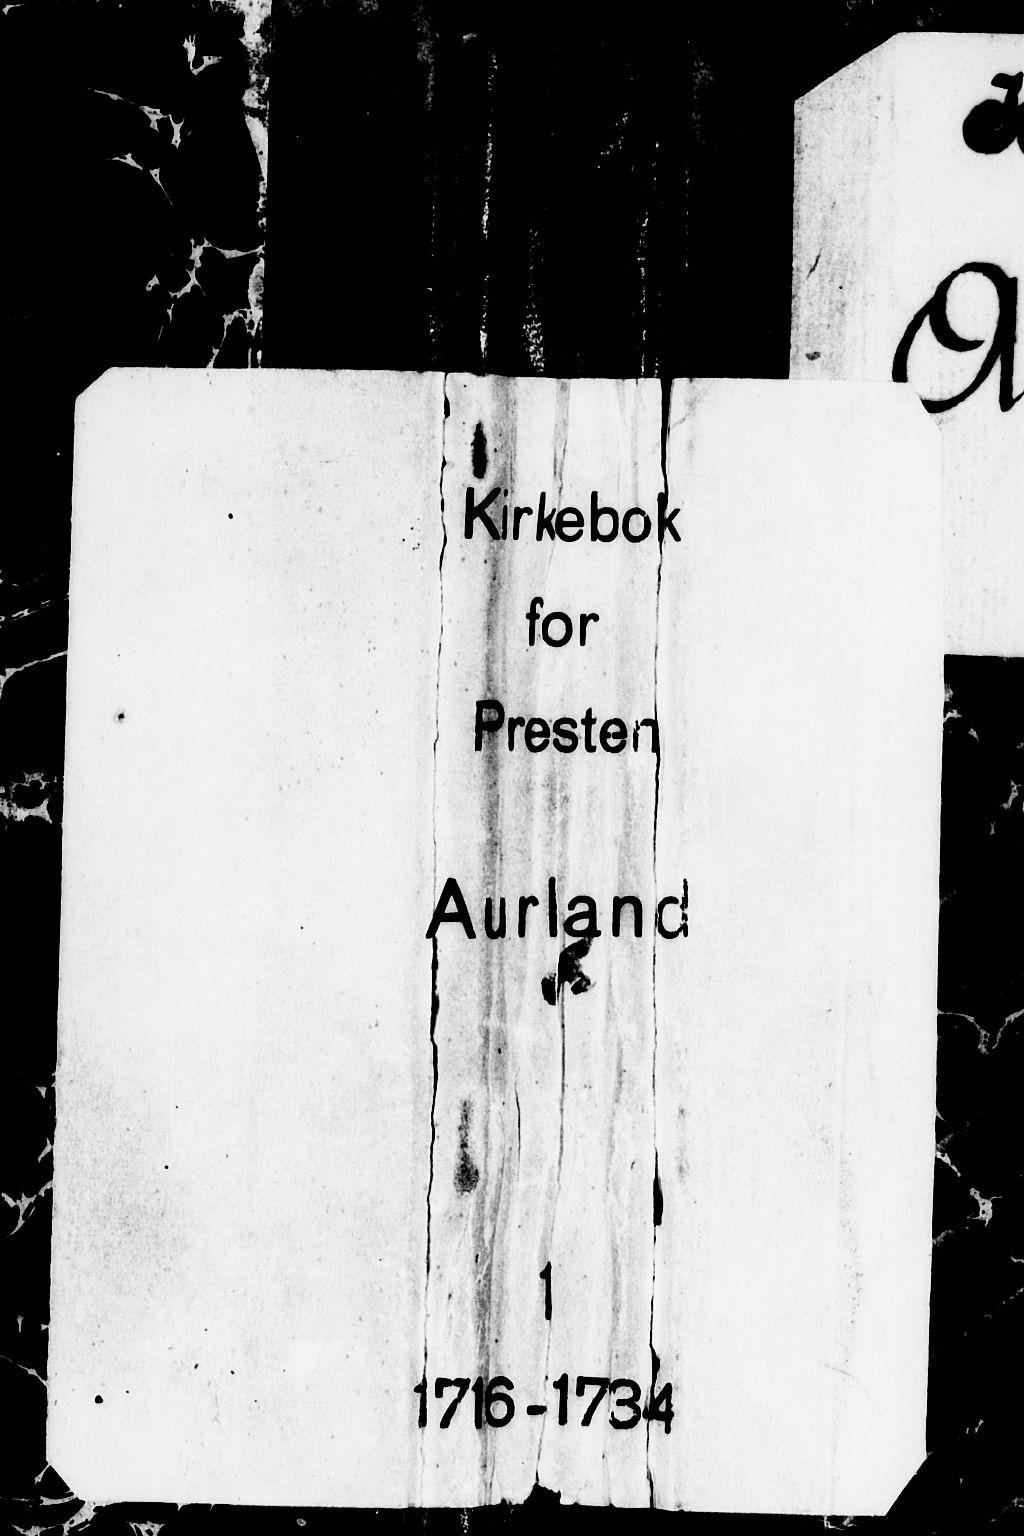 SAB, Aurland Sokneprestembete*, Ministerialbok nr. A 1, 1716-1734